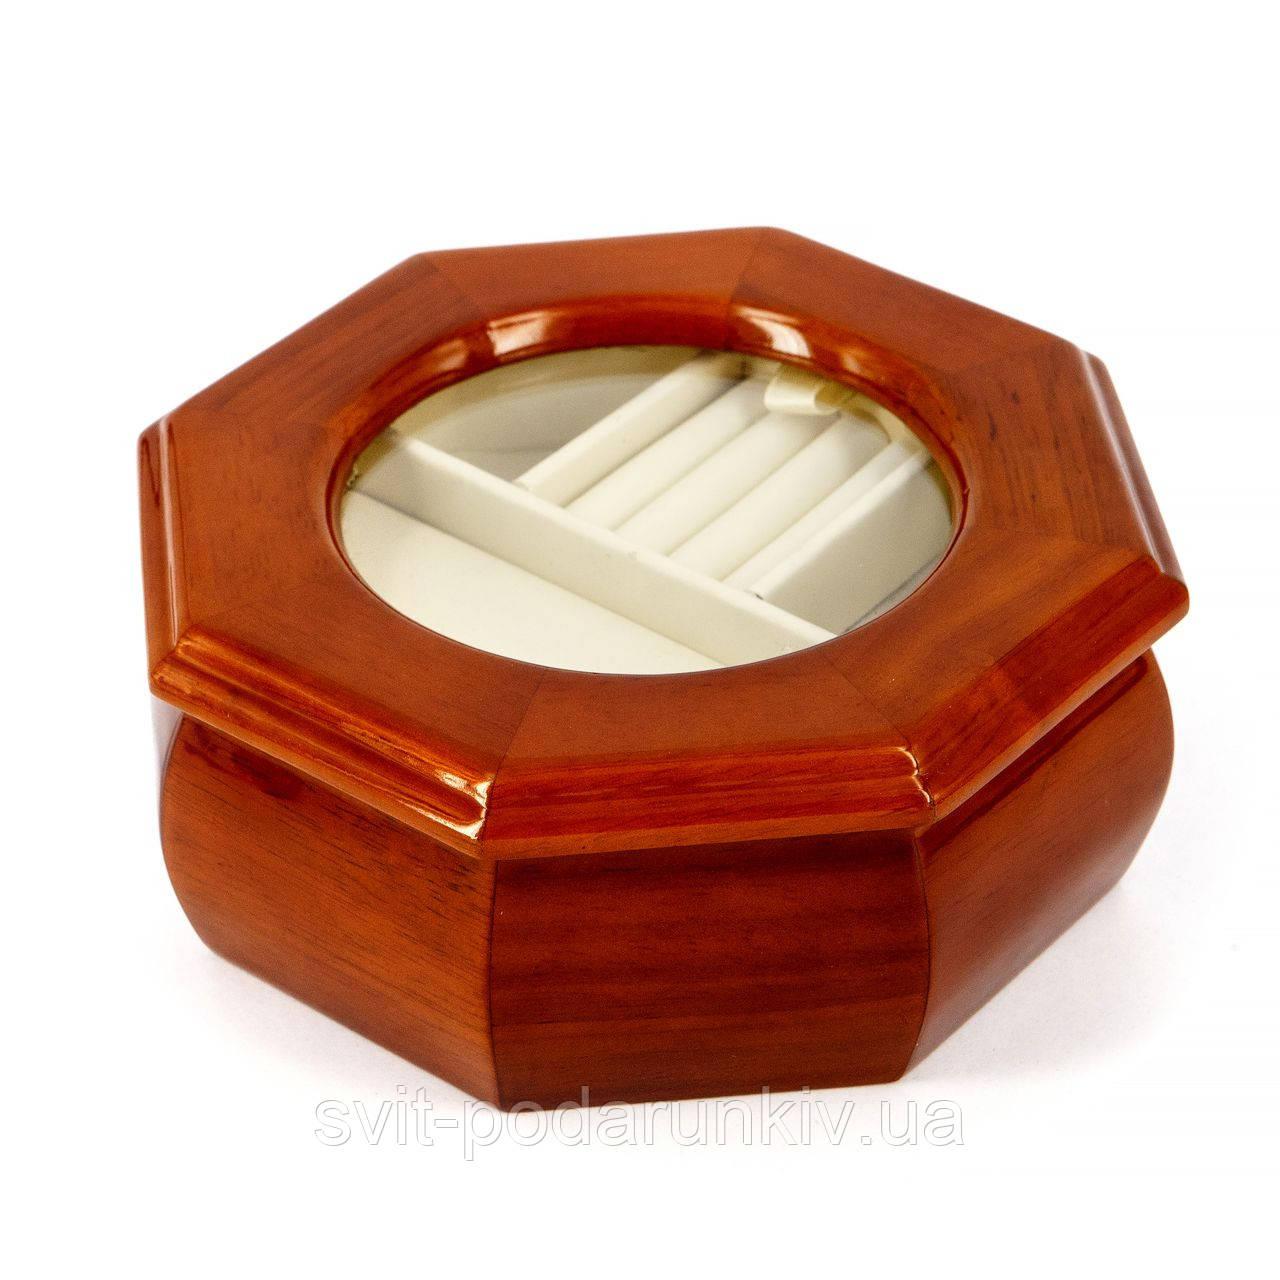 Шкатулка для драгоценностей в форме восьмигранника BJS012